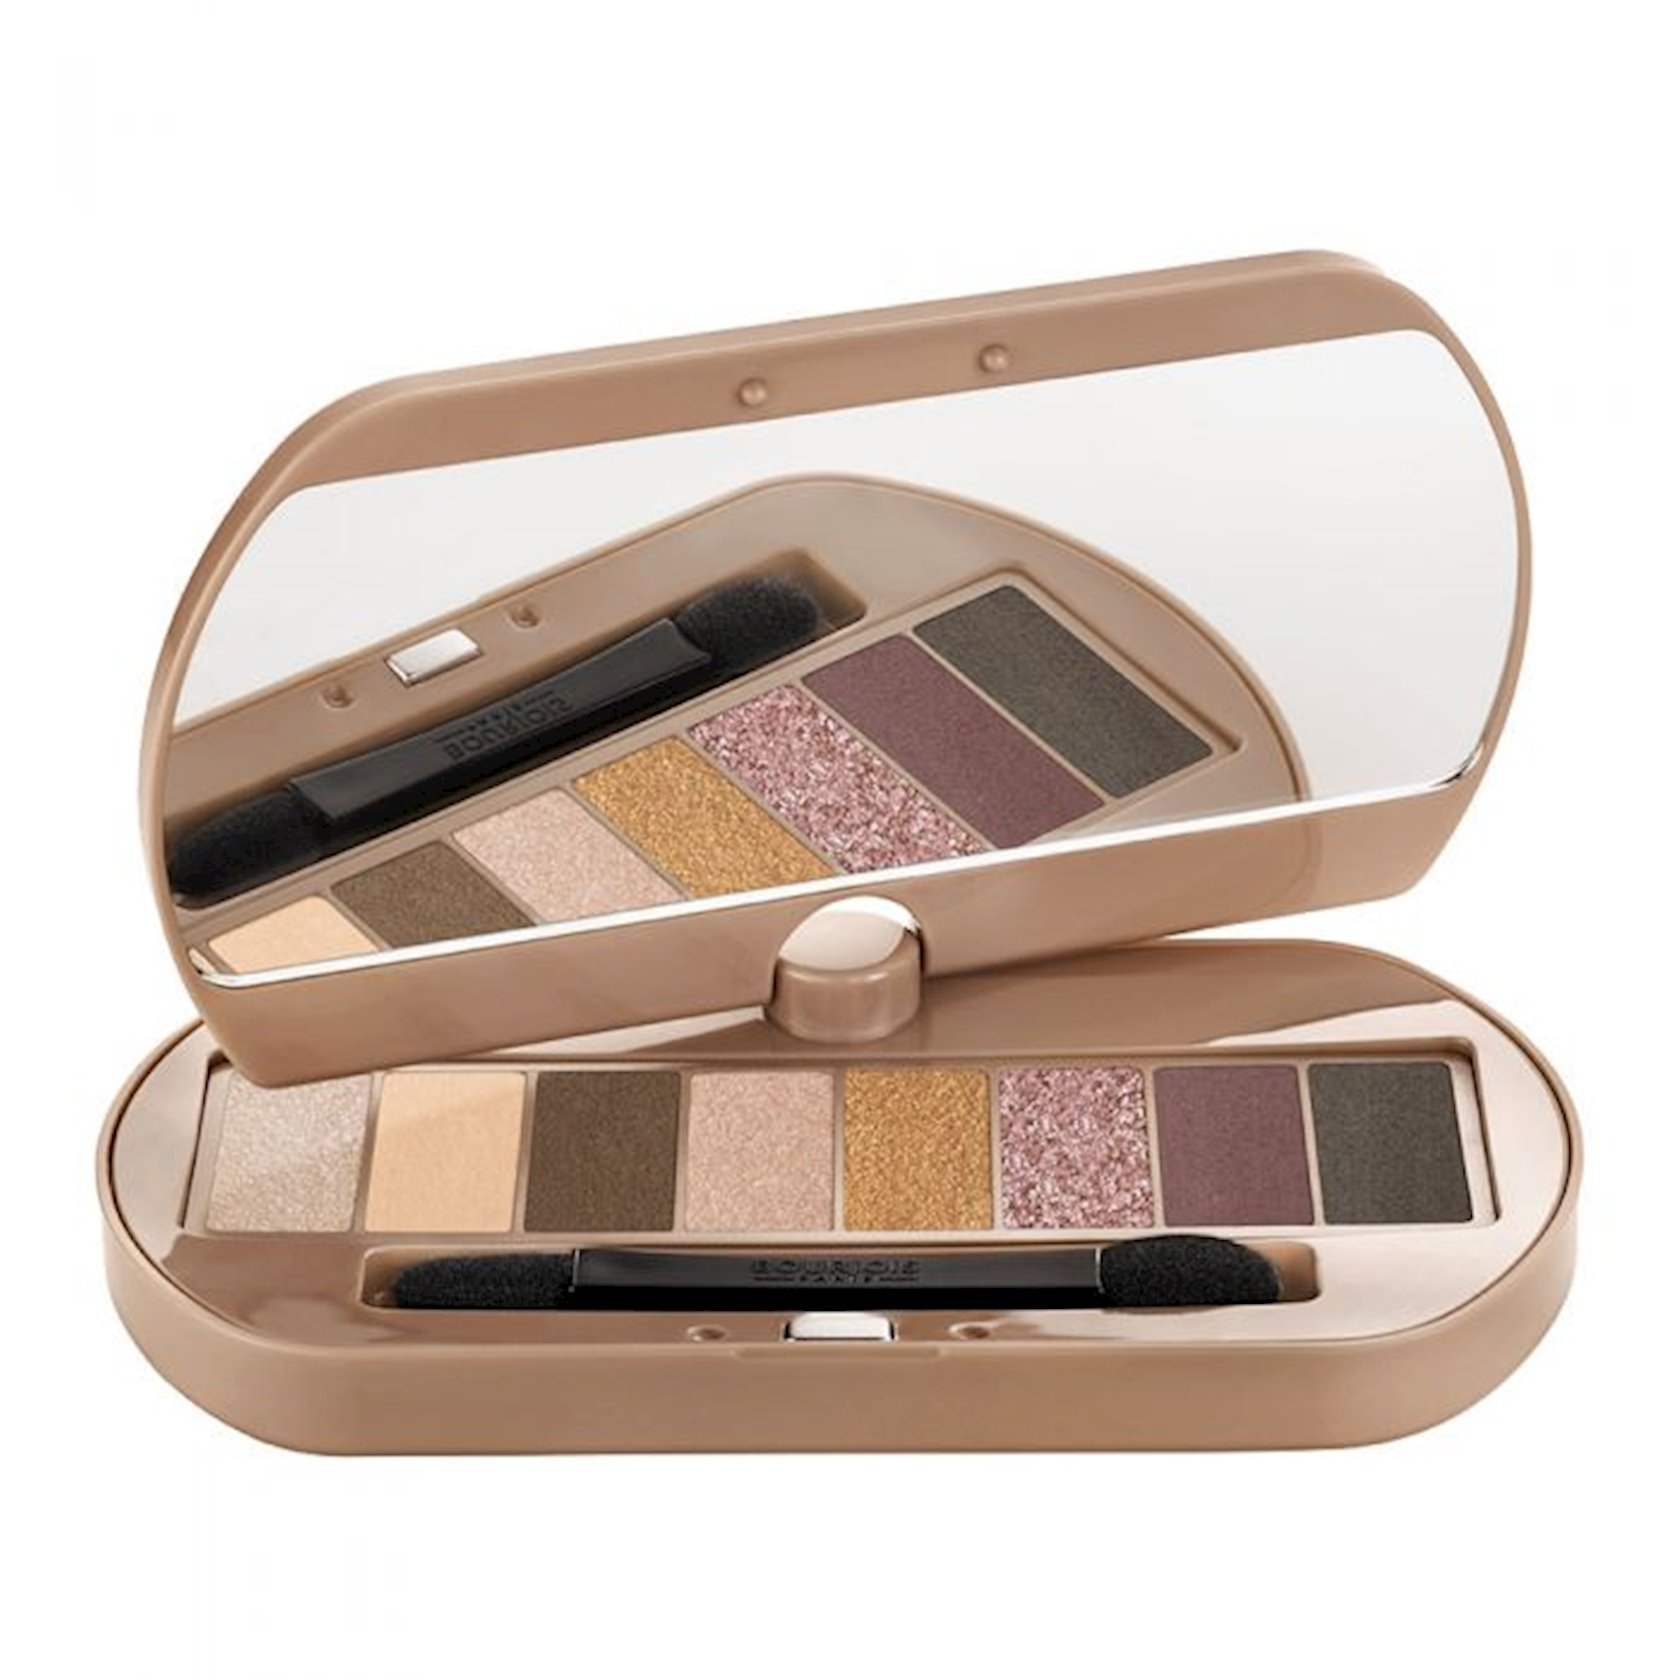 Göz kölgəsi palitrası Bourjois Eye Catching Eyeshadows Nude Palette 4.5 q